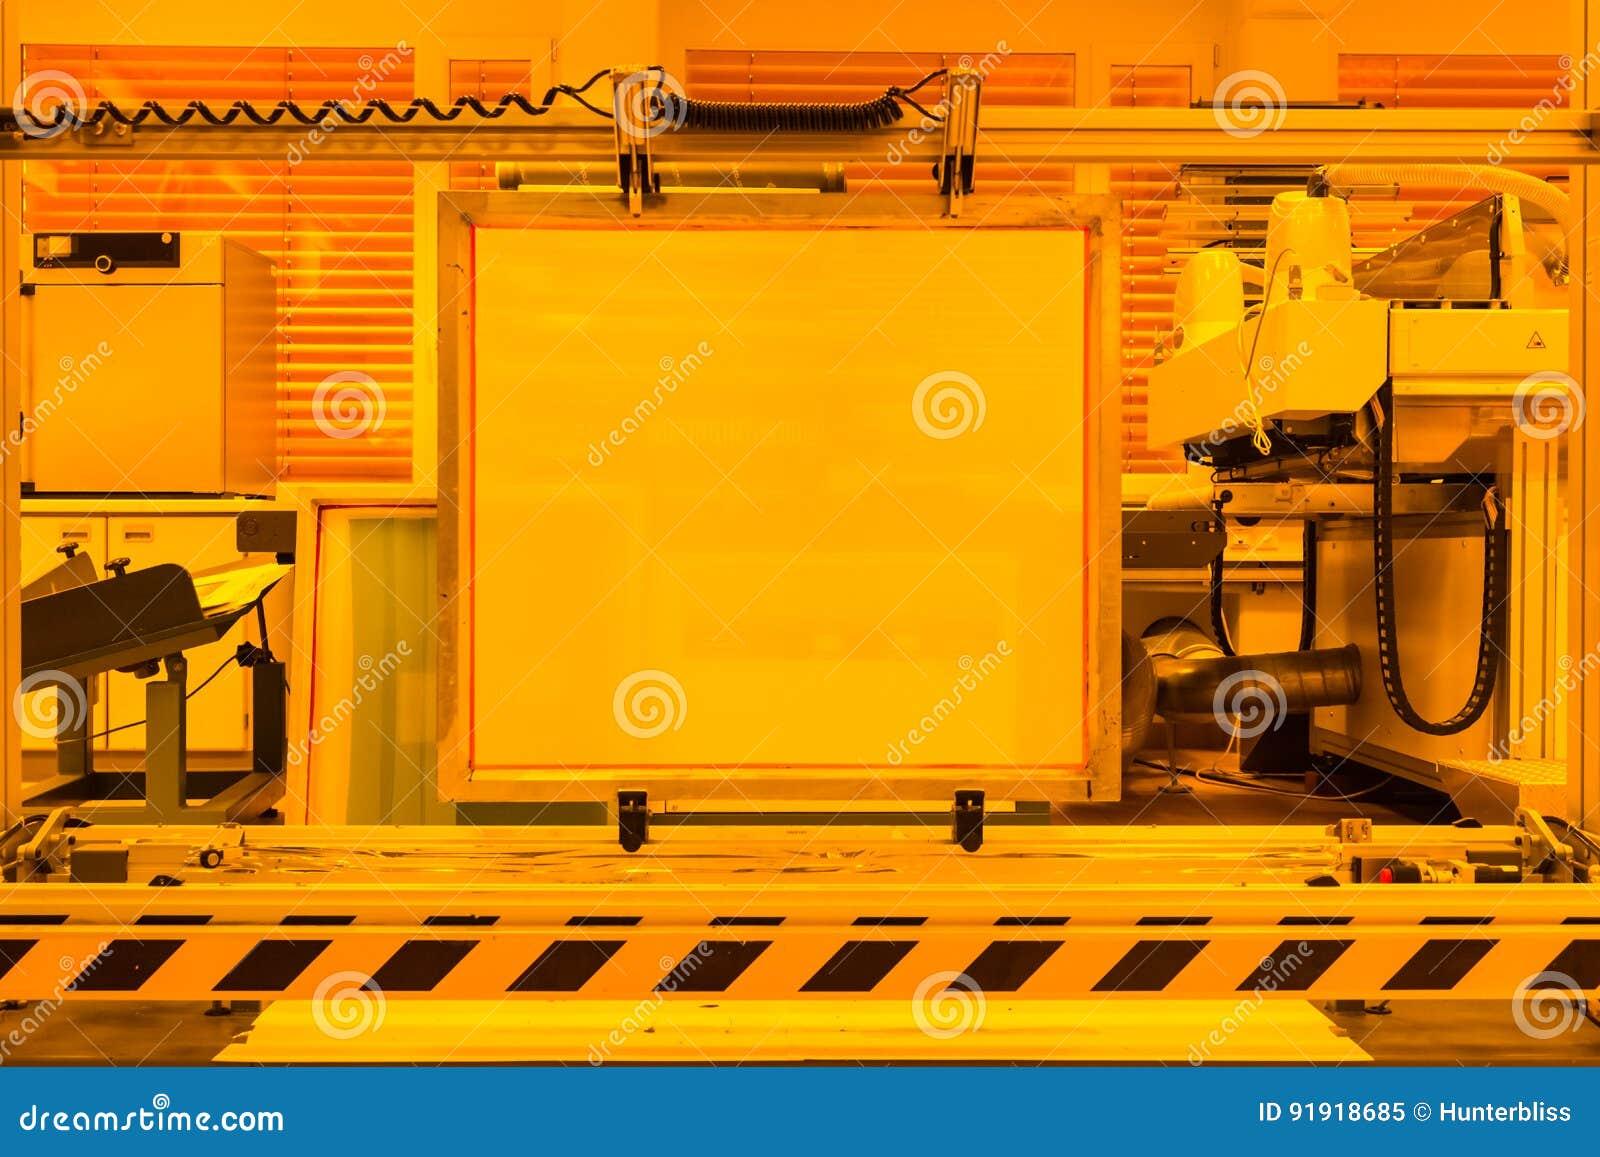 屏幕印刷装置发展黄色室专家我